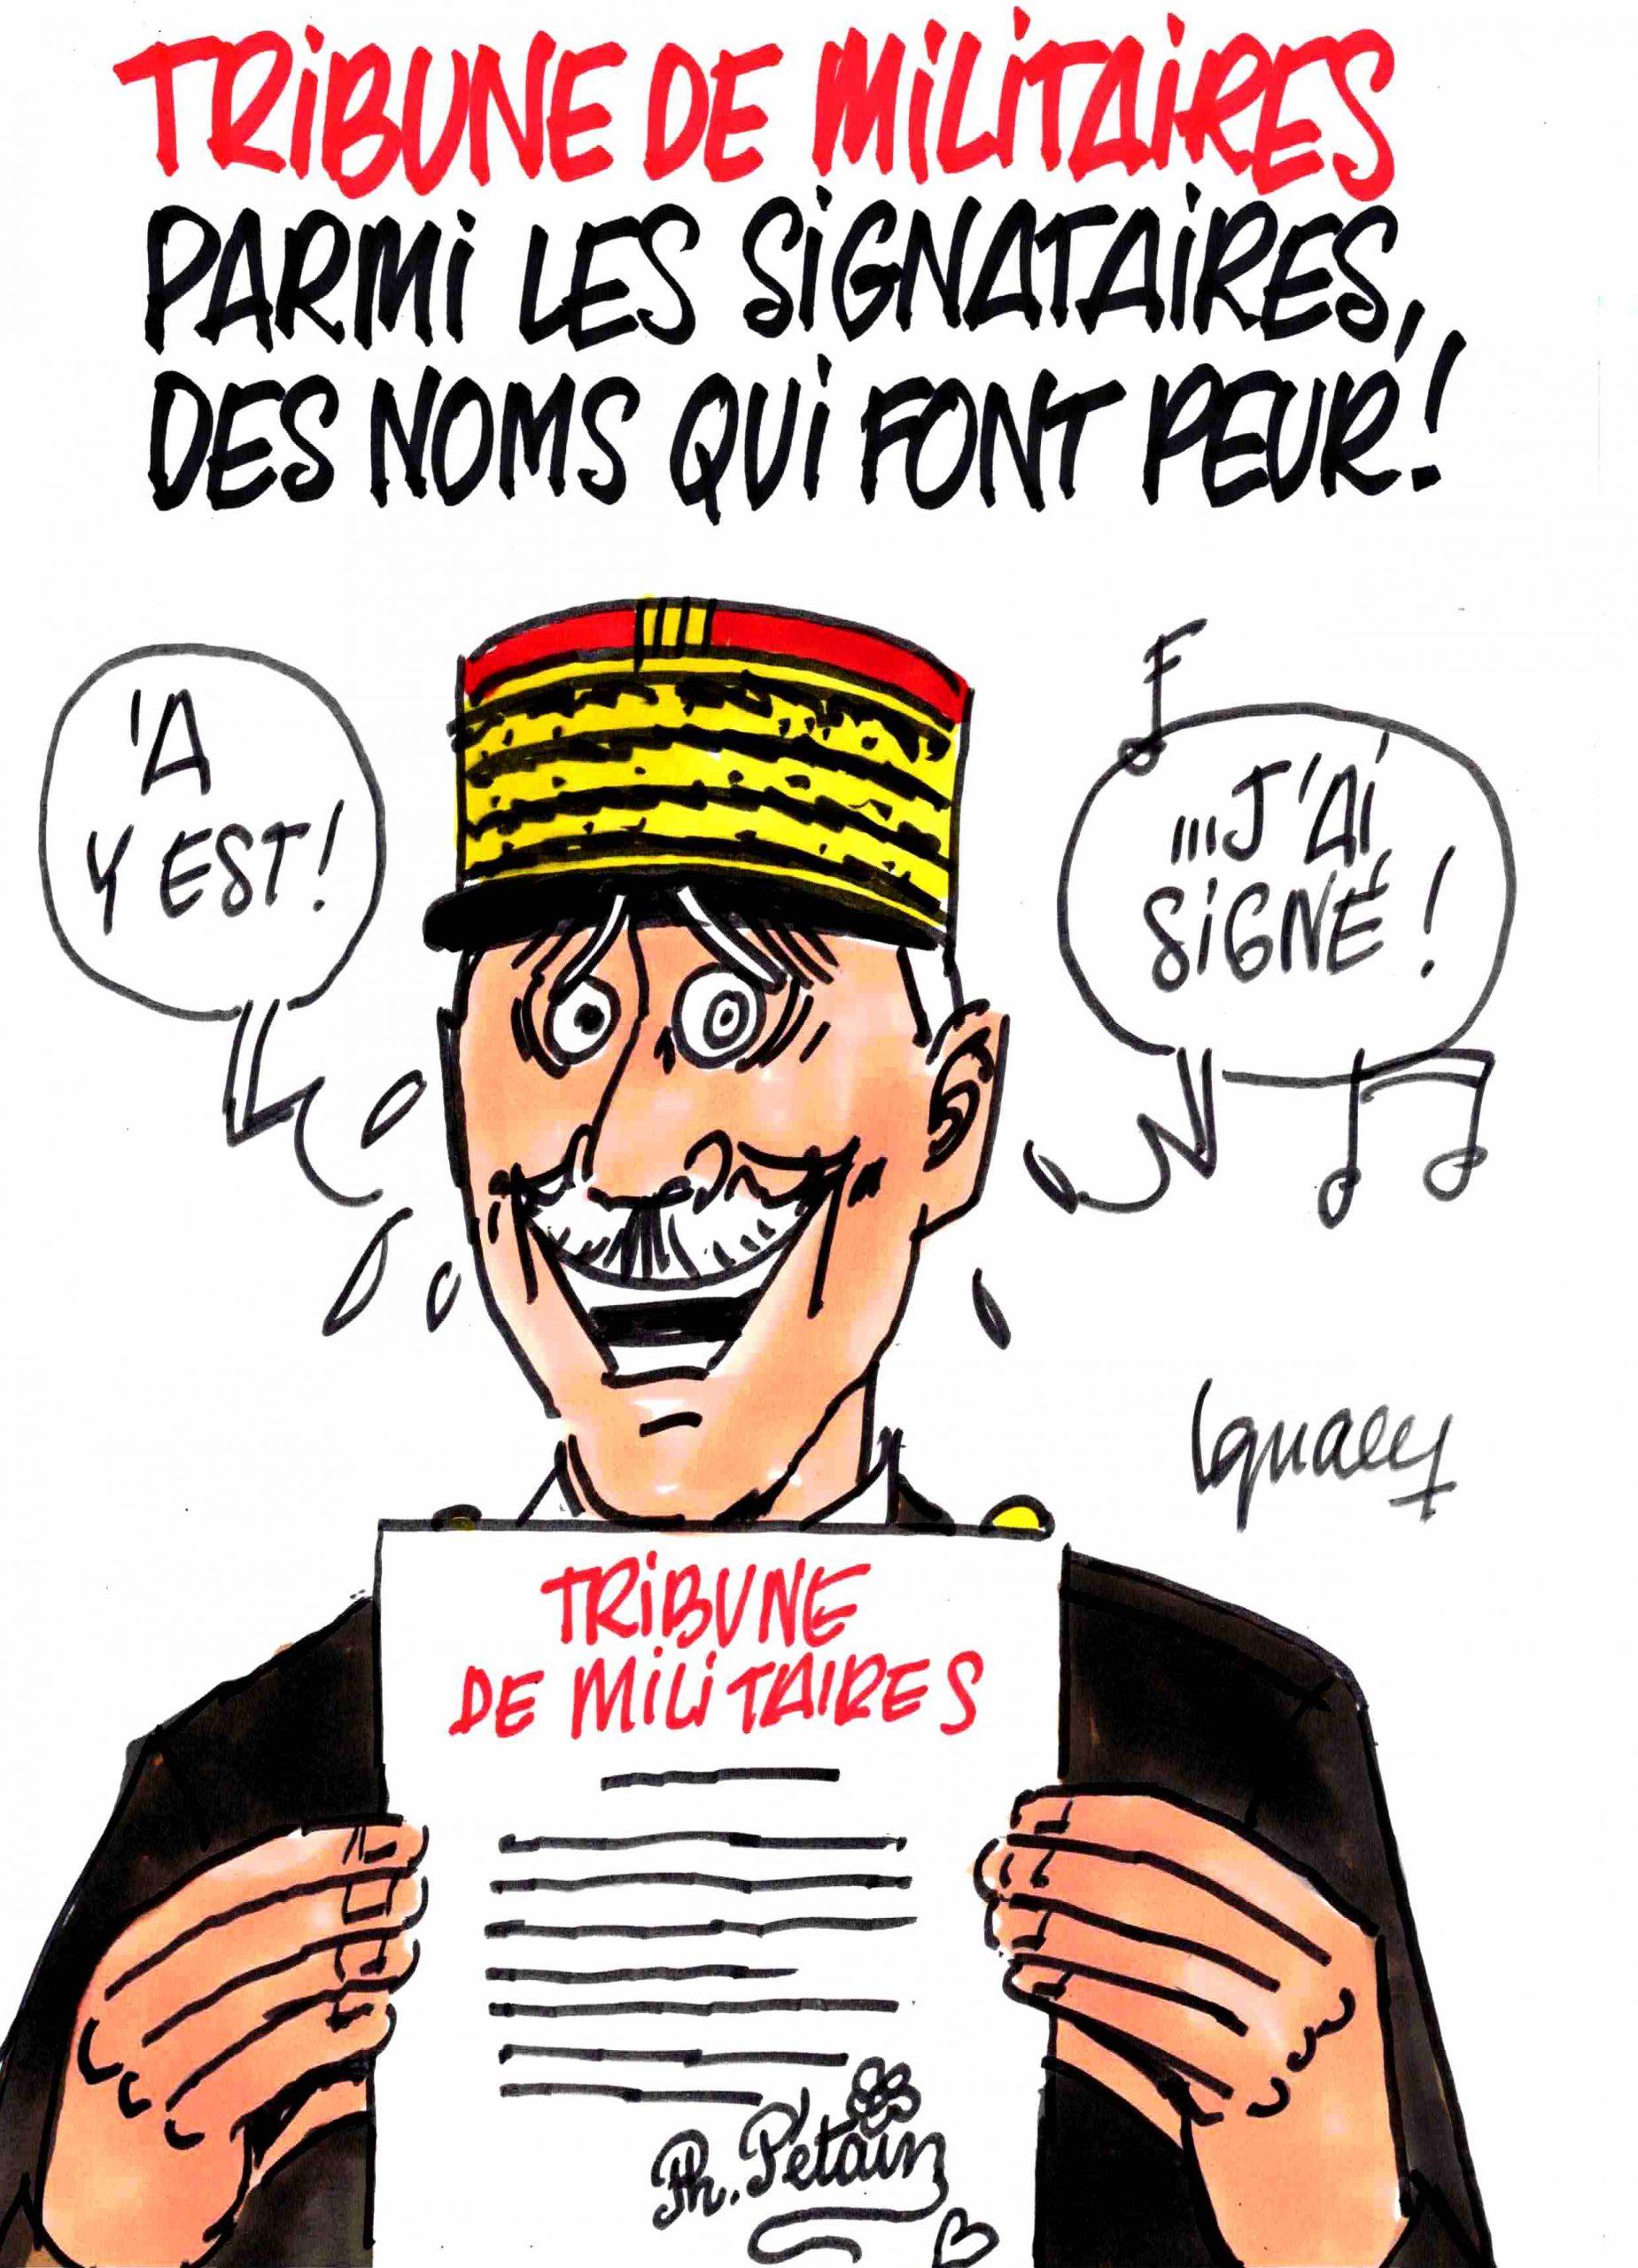 Ignace - Tribune de militaires avec des signatures qui font peur